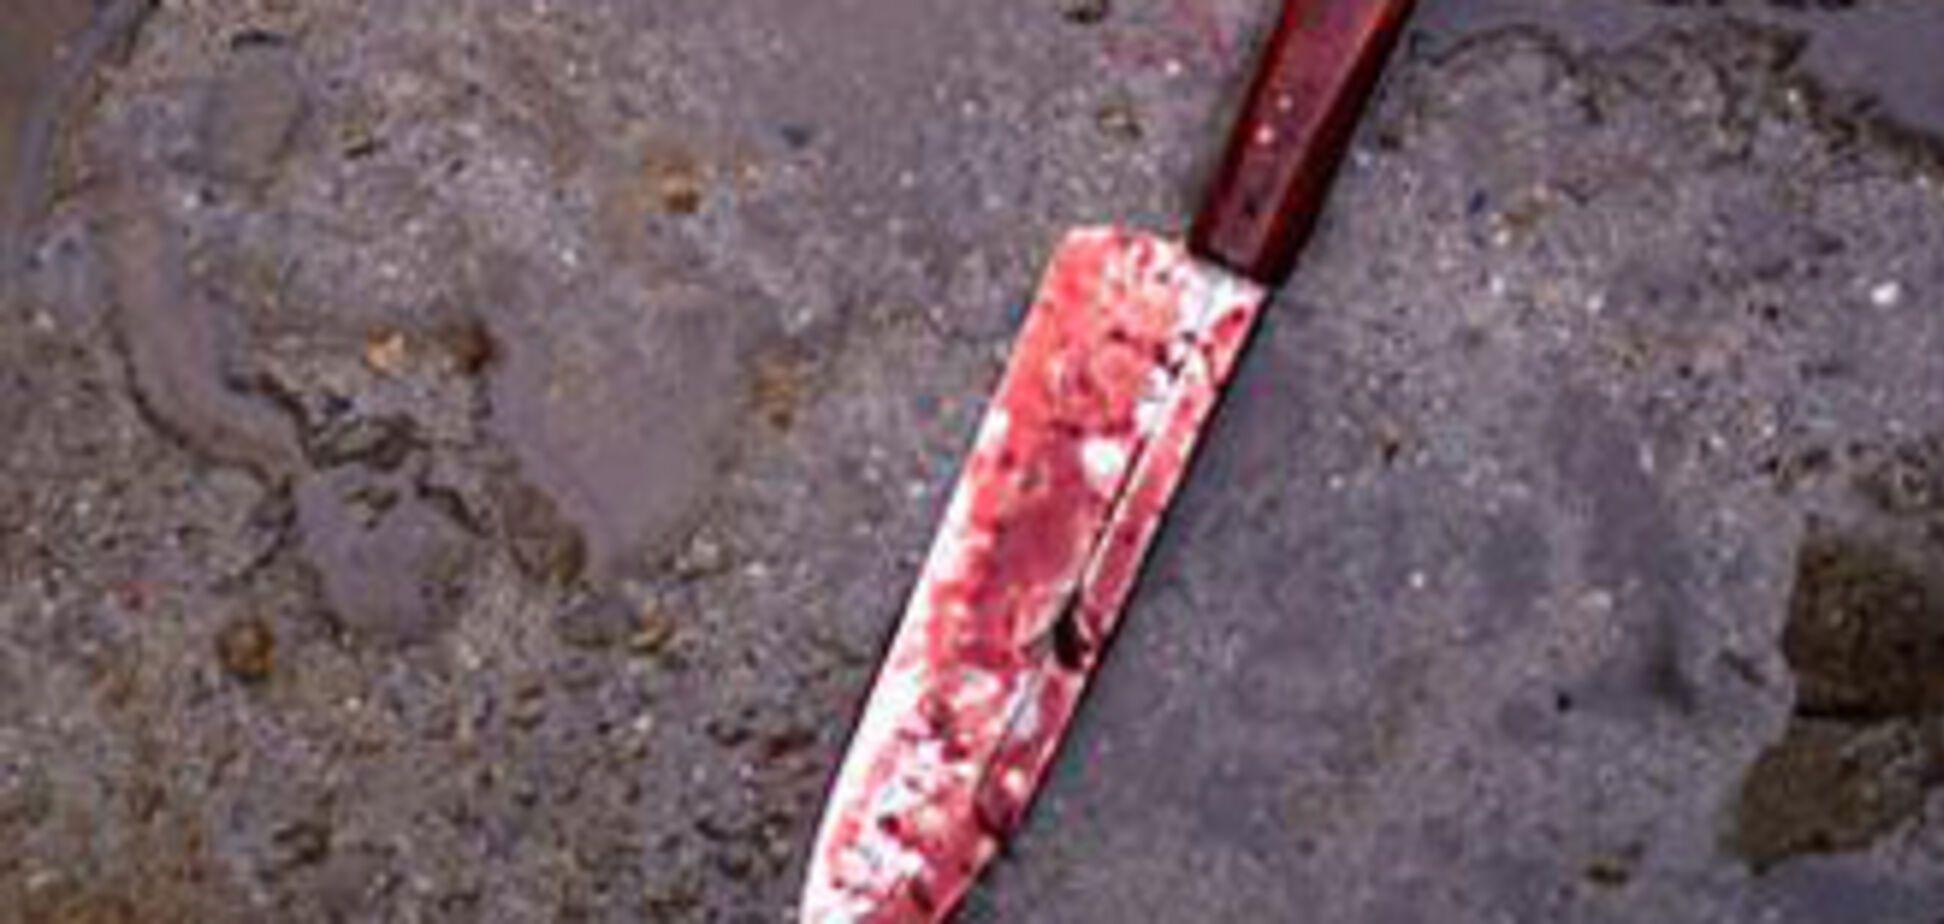 Причина убийства депутата в СИЗО - ссора с сокамерниками